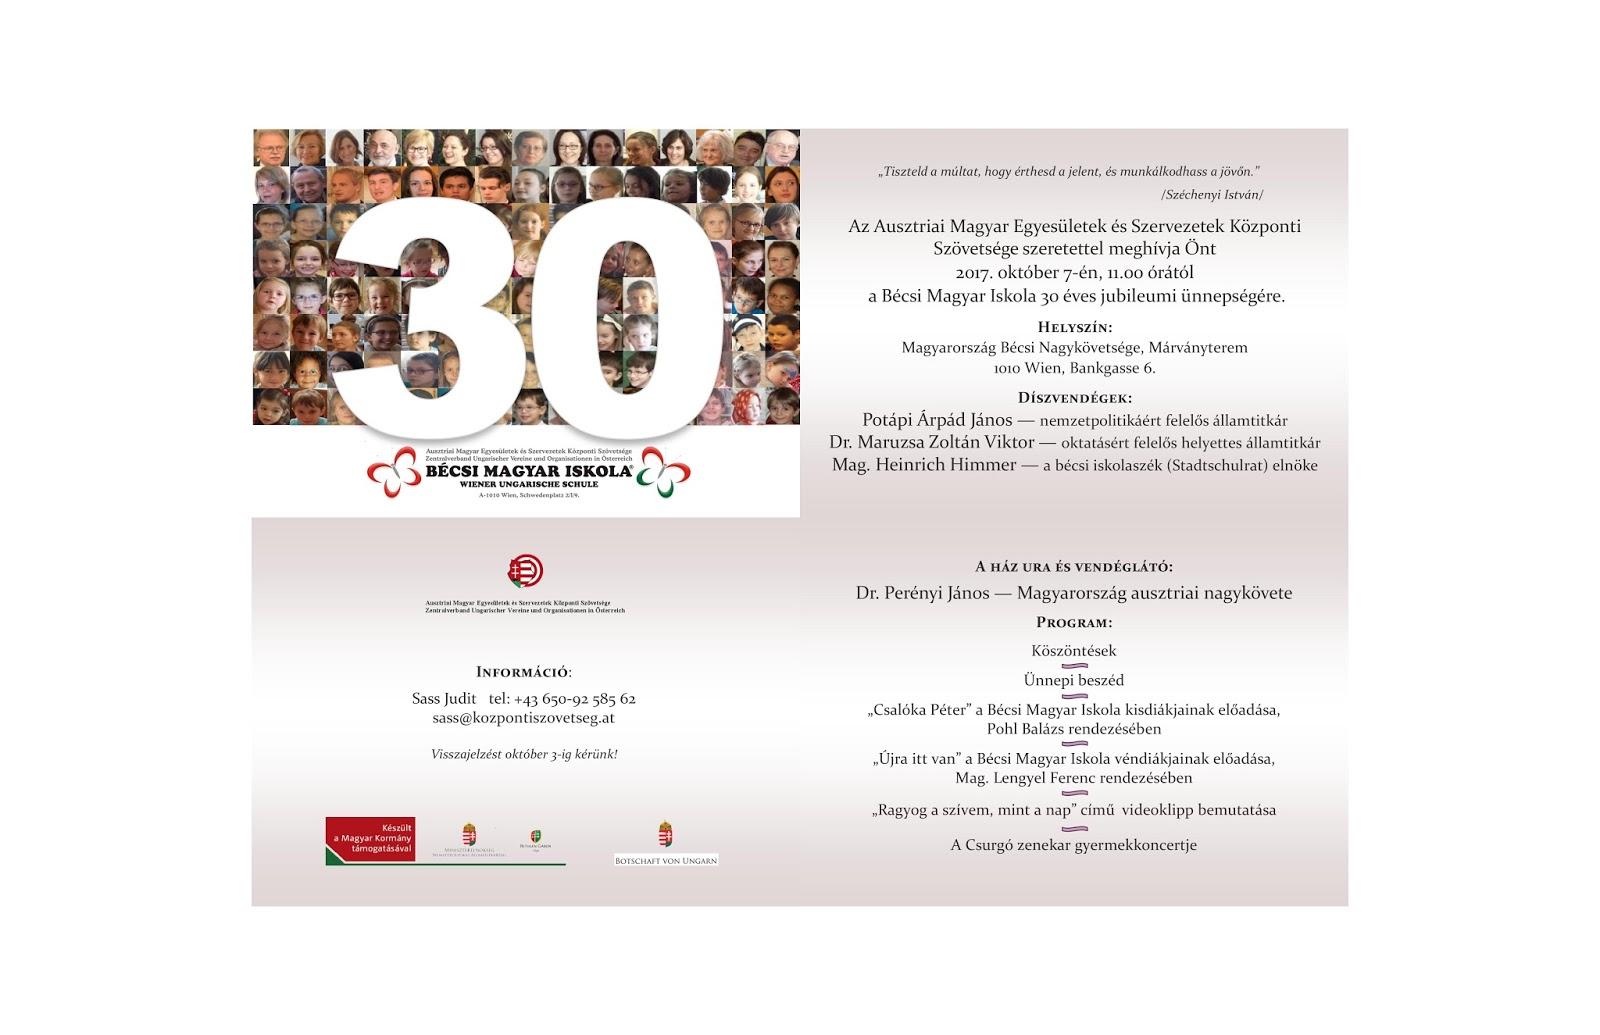 születésnapi meghívó szöveg felnőtt 30 éves a Bécsi Magyar Iskola | Ausztriai Magyar Egyesületek és  születésnapi meghívó szöveg felnőtt